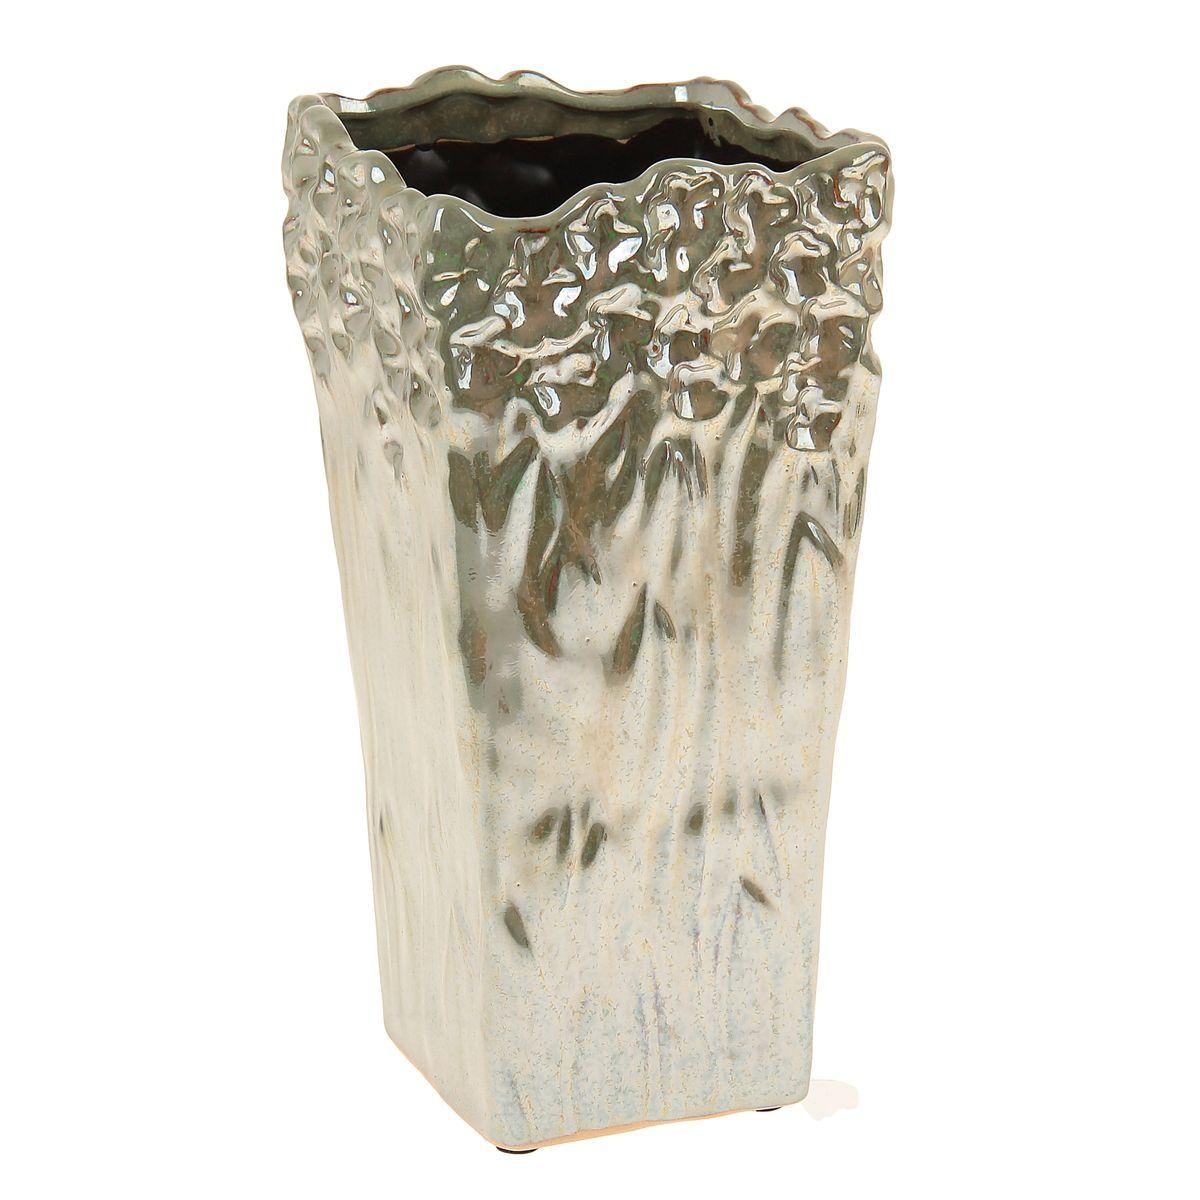 Ваза Sima-land Перелив, высота 23,5 смFS-80423Ваза Sima-land Перелив изготовлена из высококачественной керамики и оснащена антискользящими накладками на дне. Такая стильная ваза с легкостьювпишется практически в любой интерьер. Она станет изумительным подарком, которыйдоставит радость, ведь это не только красивый, но еще и функциональный презент.